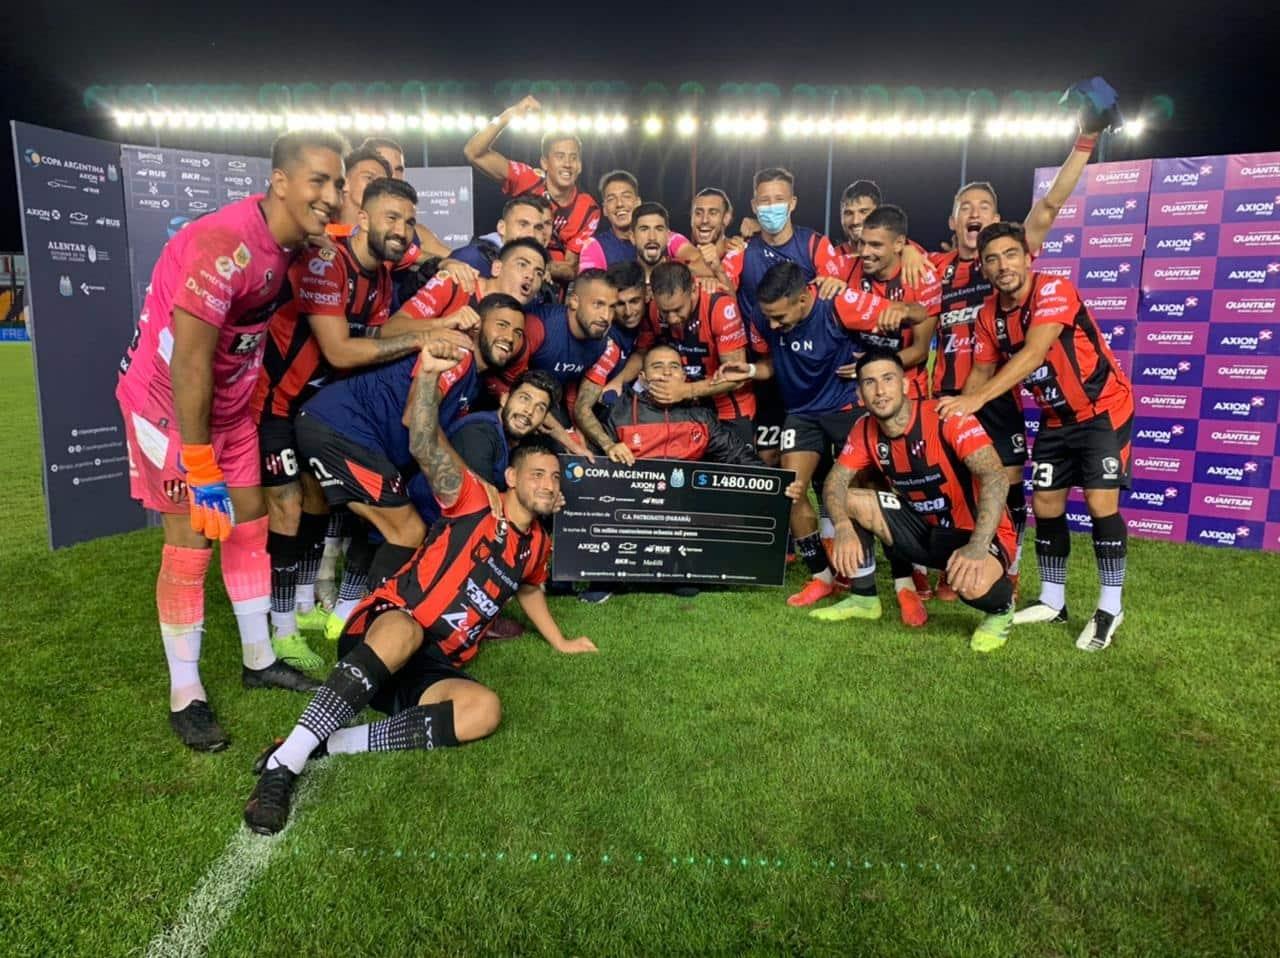 Patronato le ganó a Lanús en los penales y pasó a octavos de la Copa Argentina